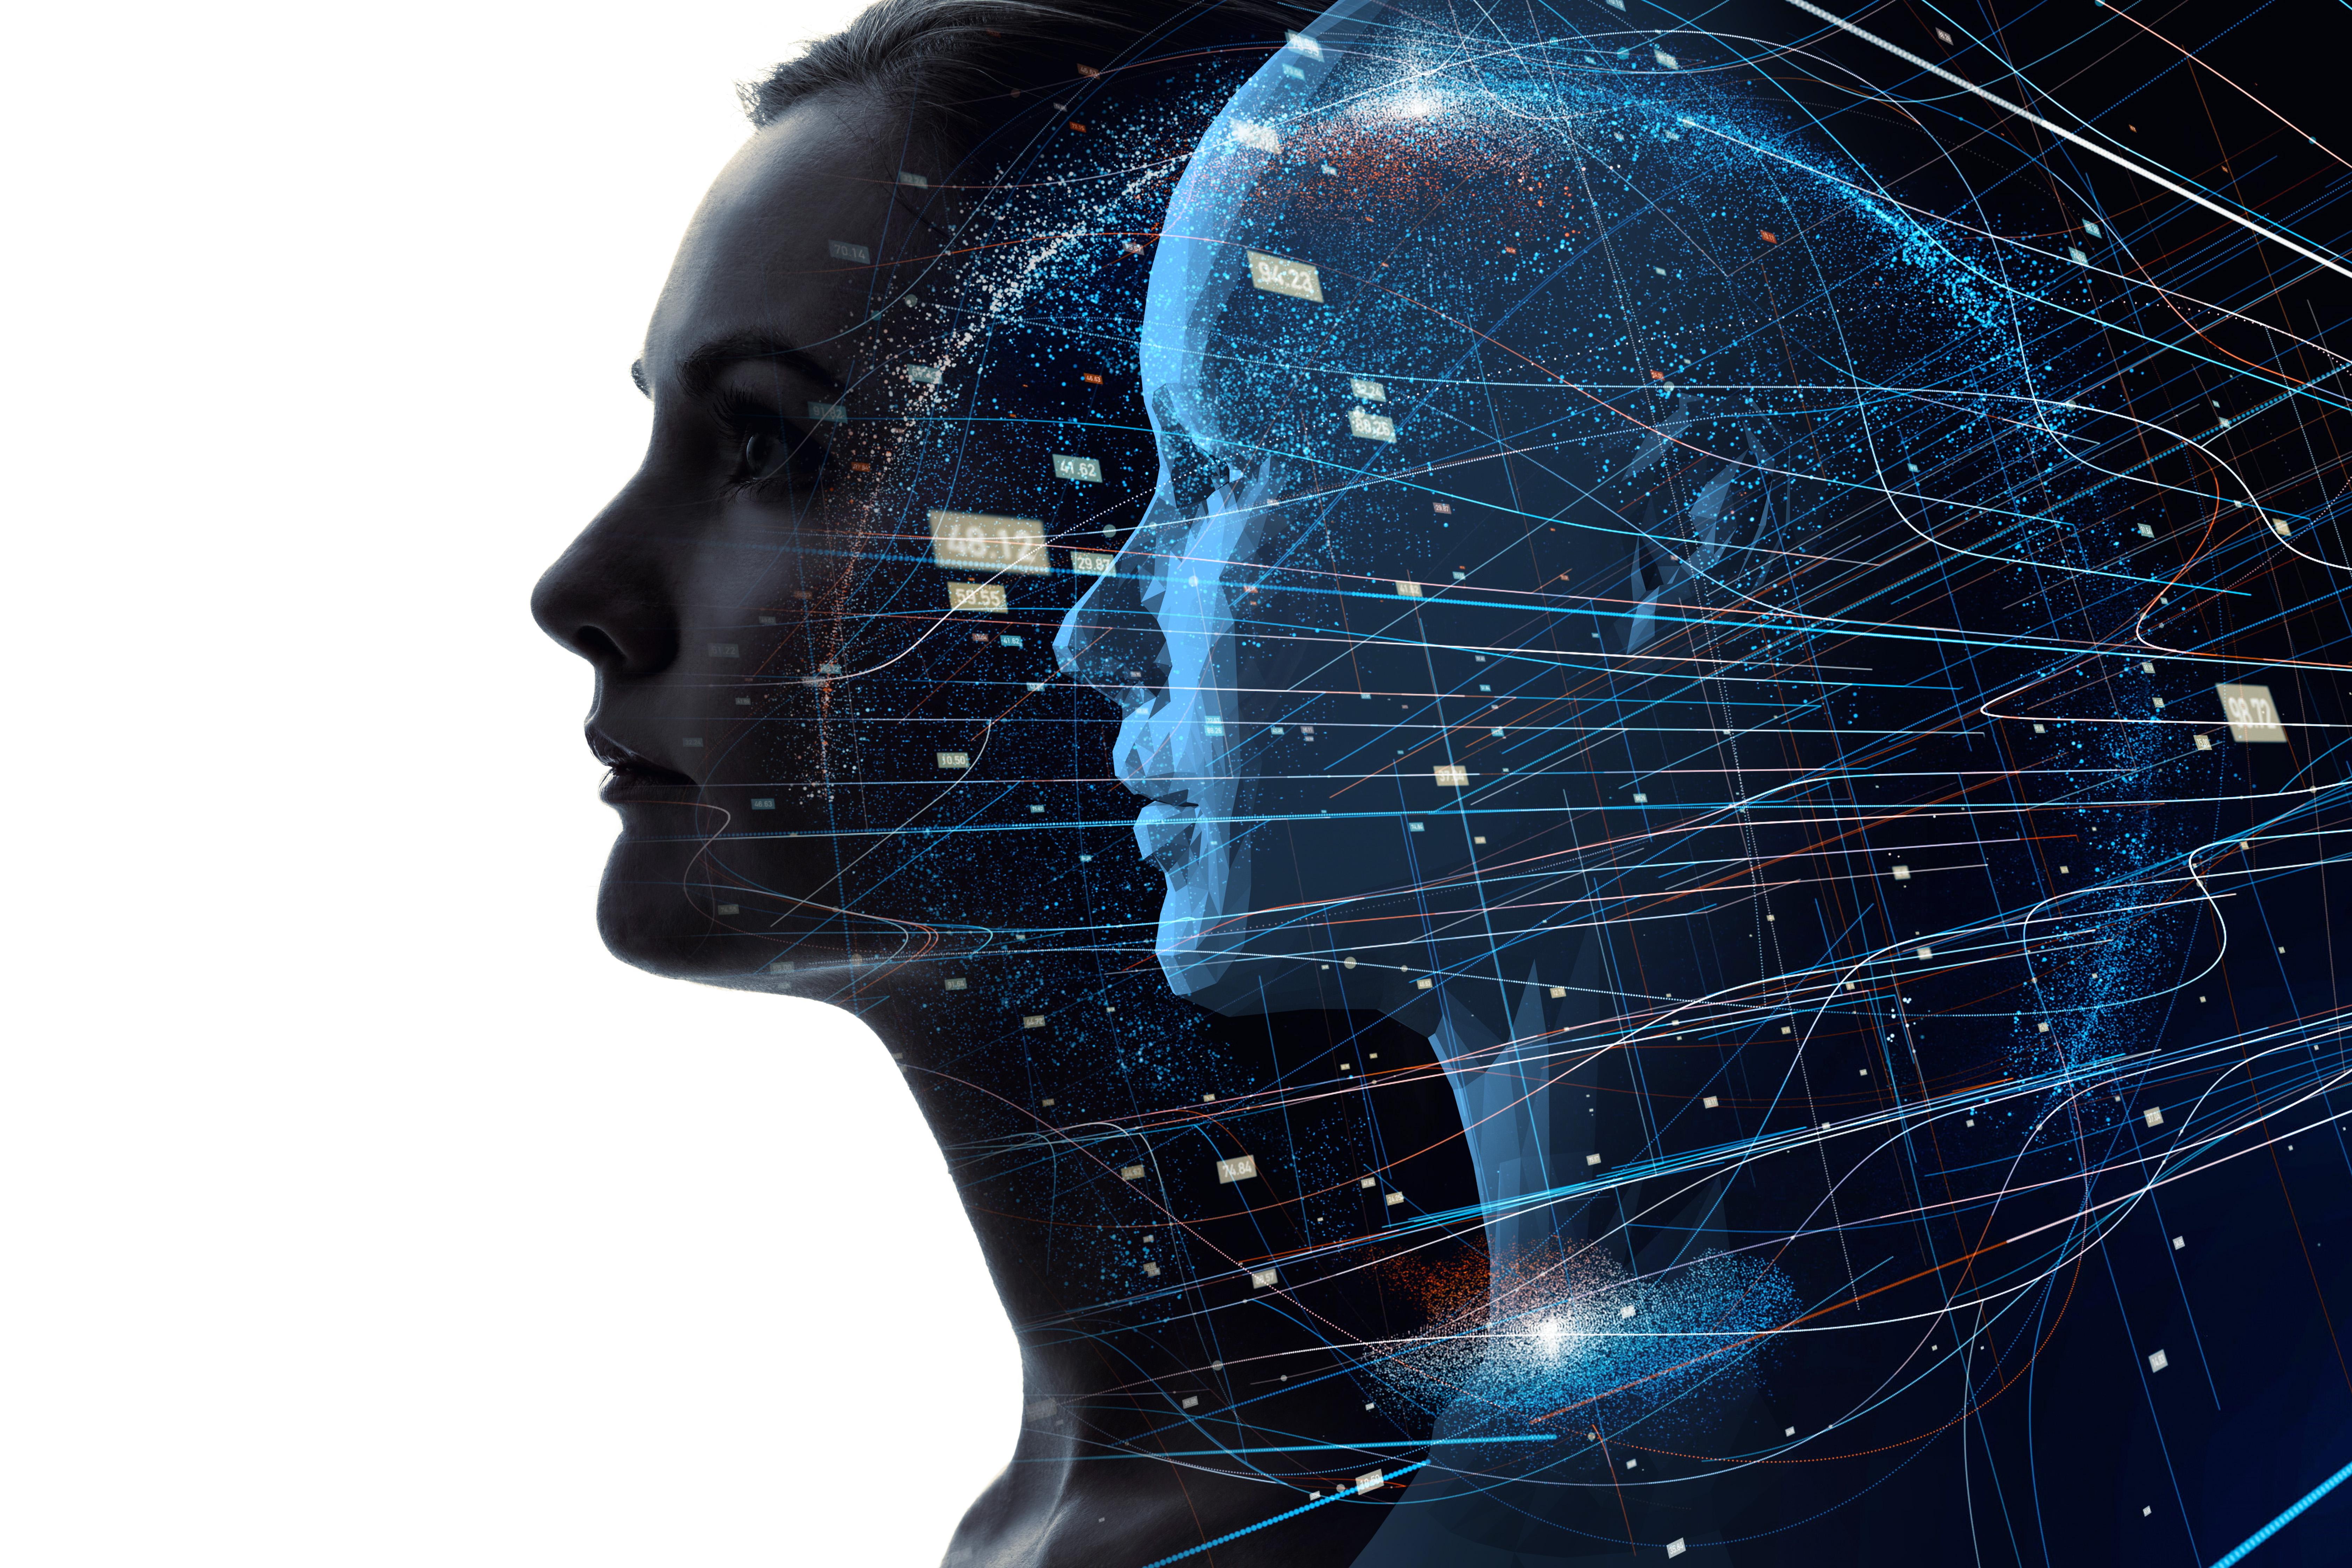 メインビジュアル : AIによる判断にバイアスがかかることを防ぐためには?